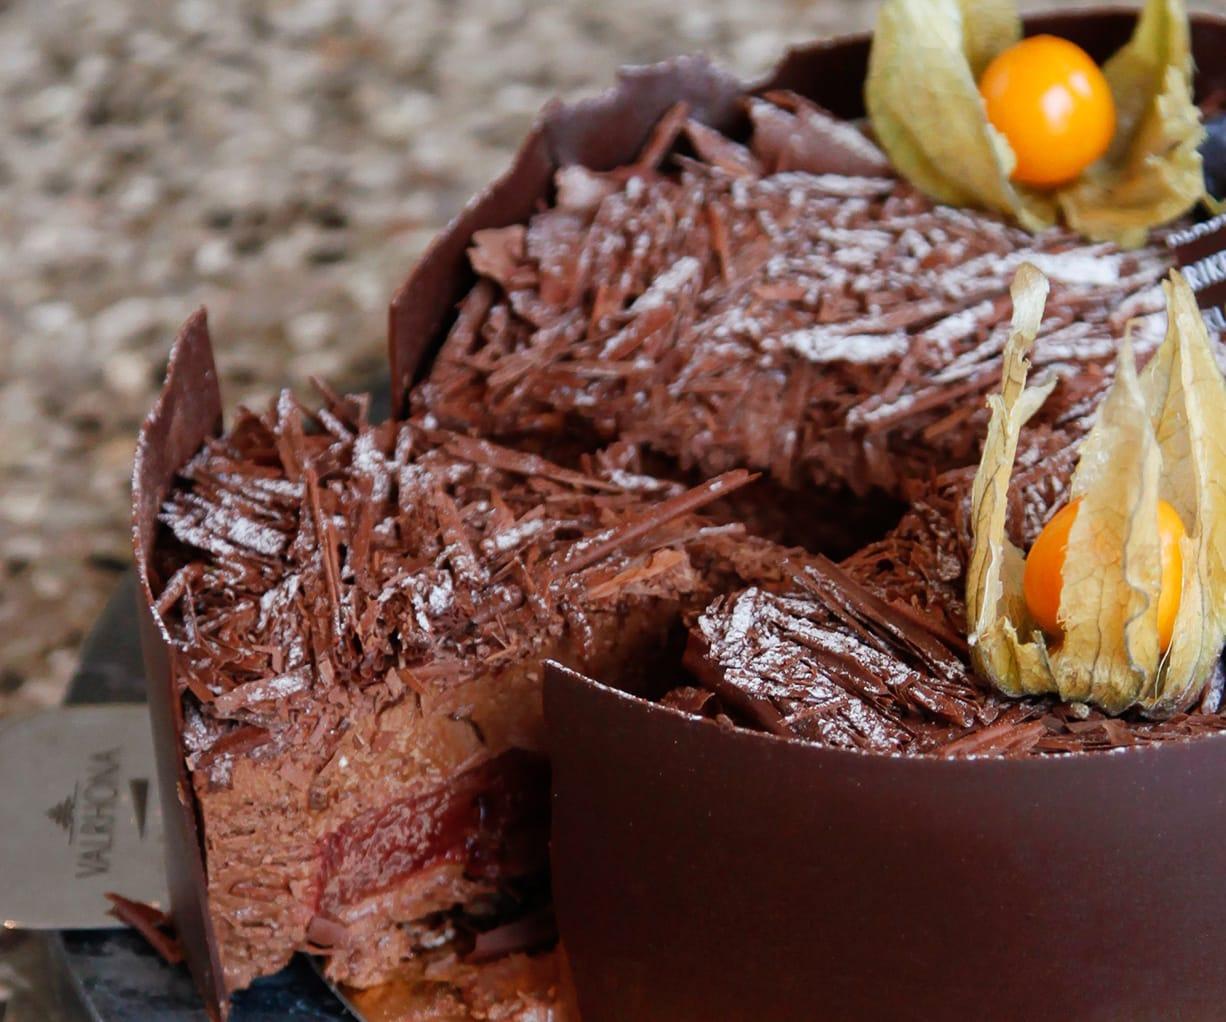 Chokladfabriken lyfter växtbaserat med Veganhelg